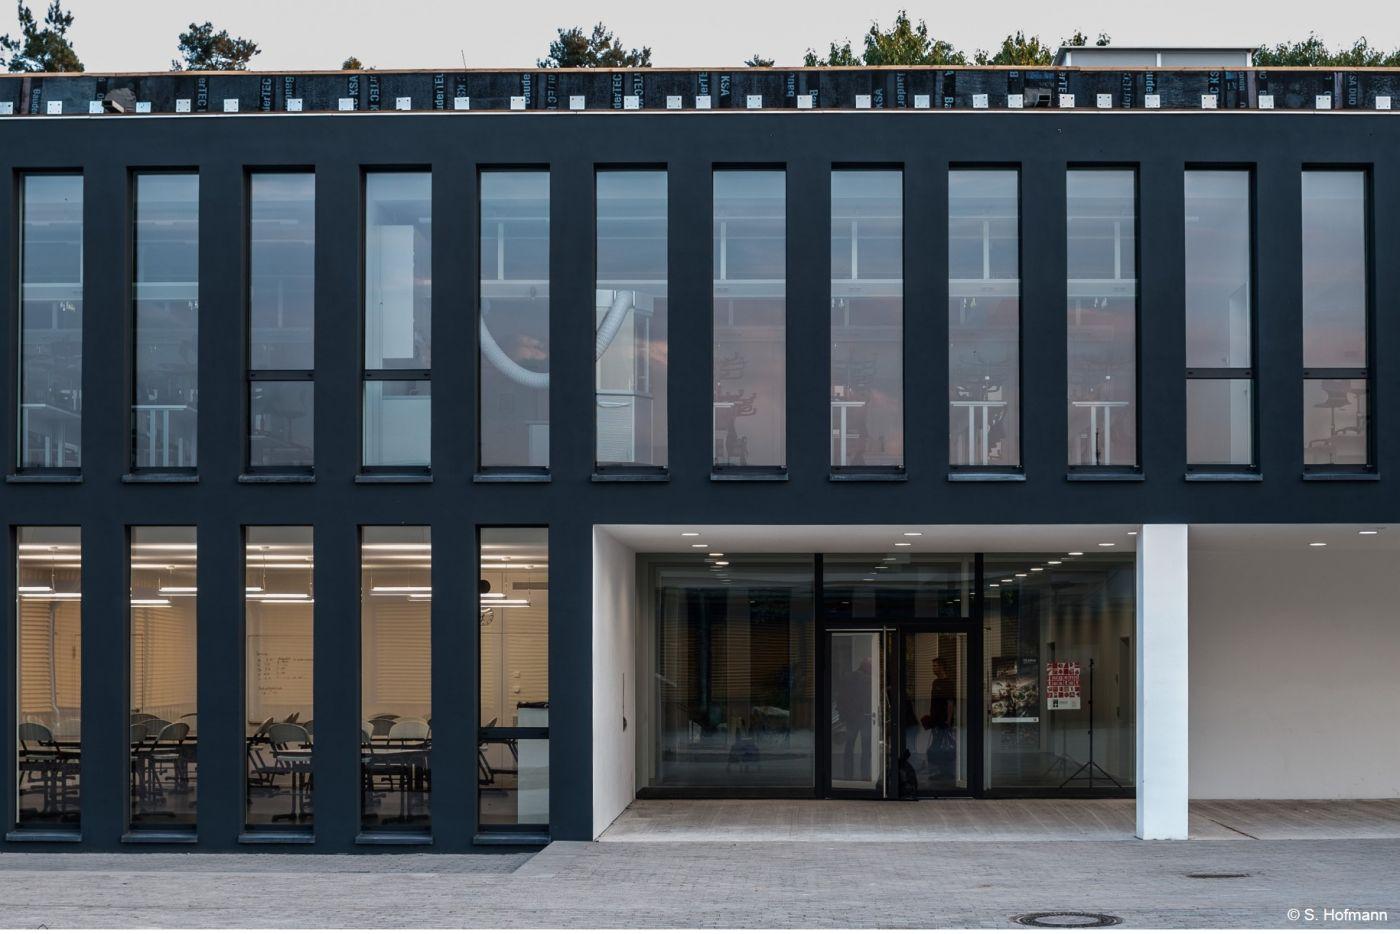 ww_Bildung_Integrierte Gesamtschule Rheinzabern_Copyright_S Hofmann_4c_1400x0_1